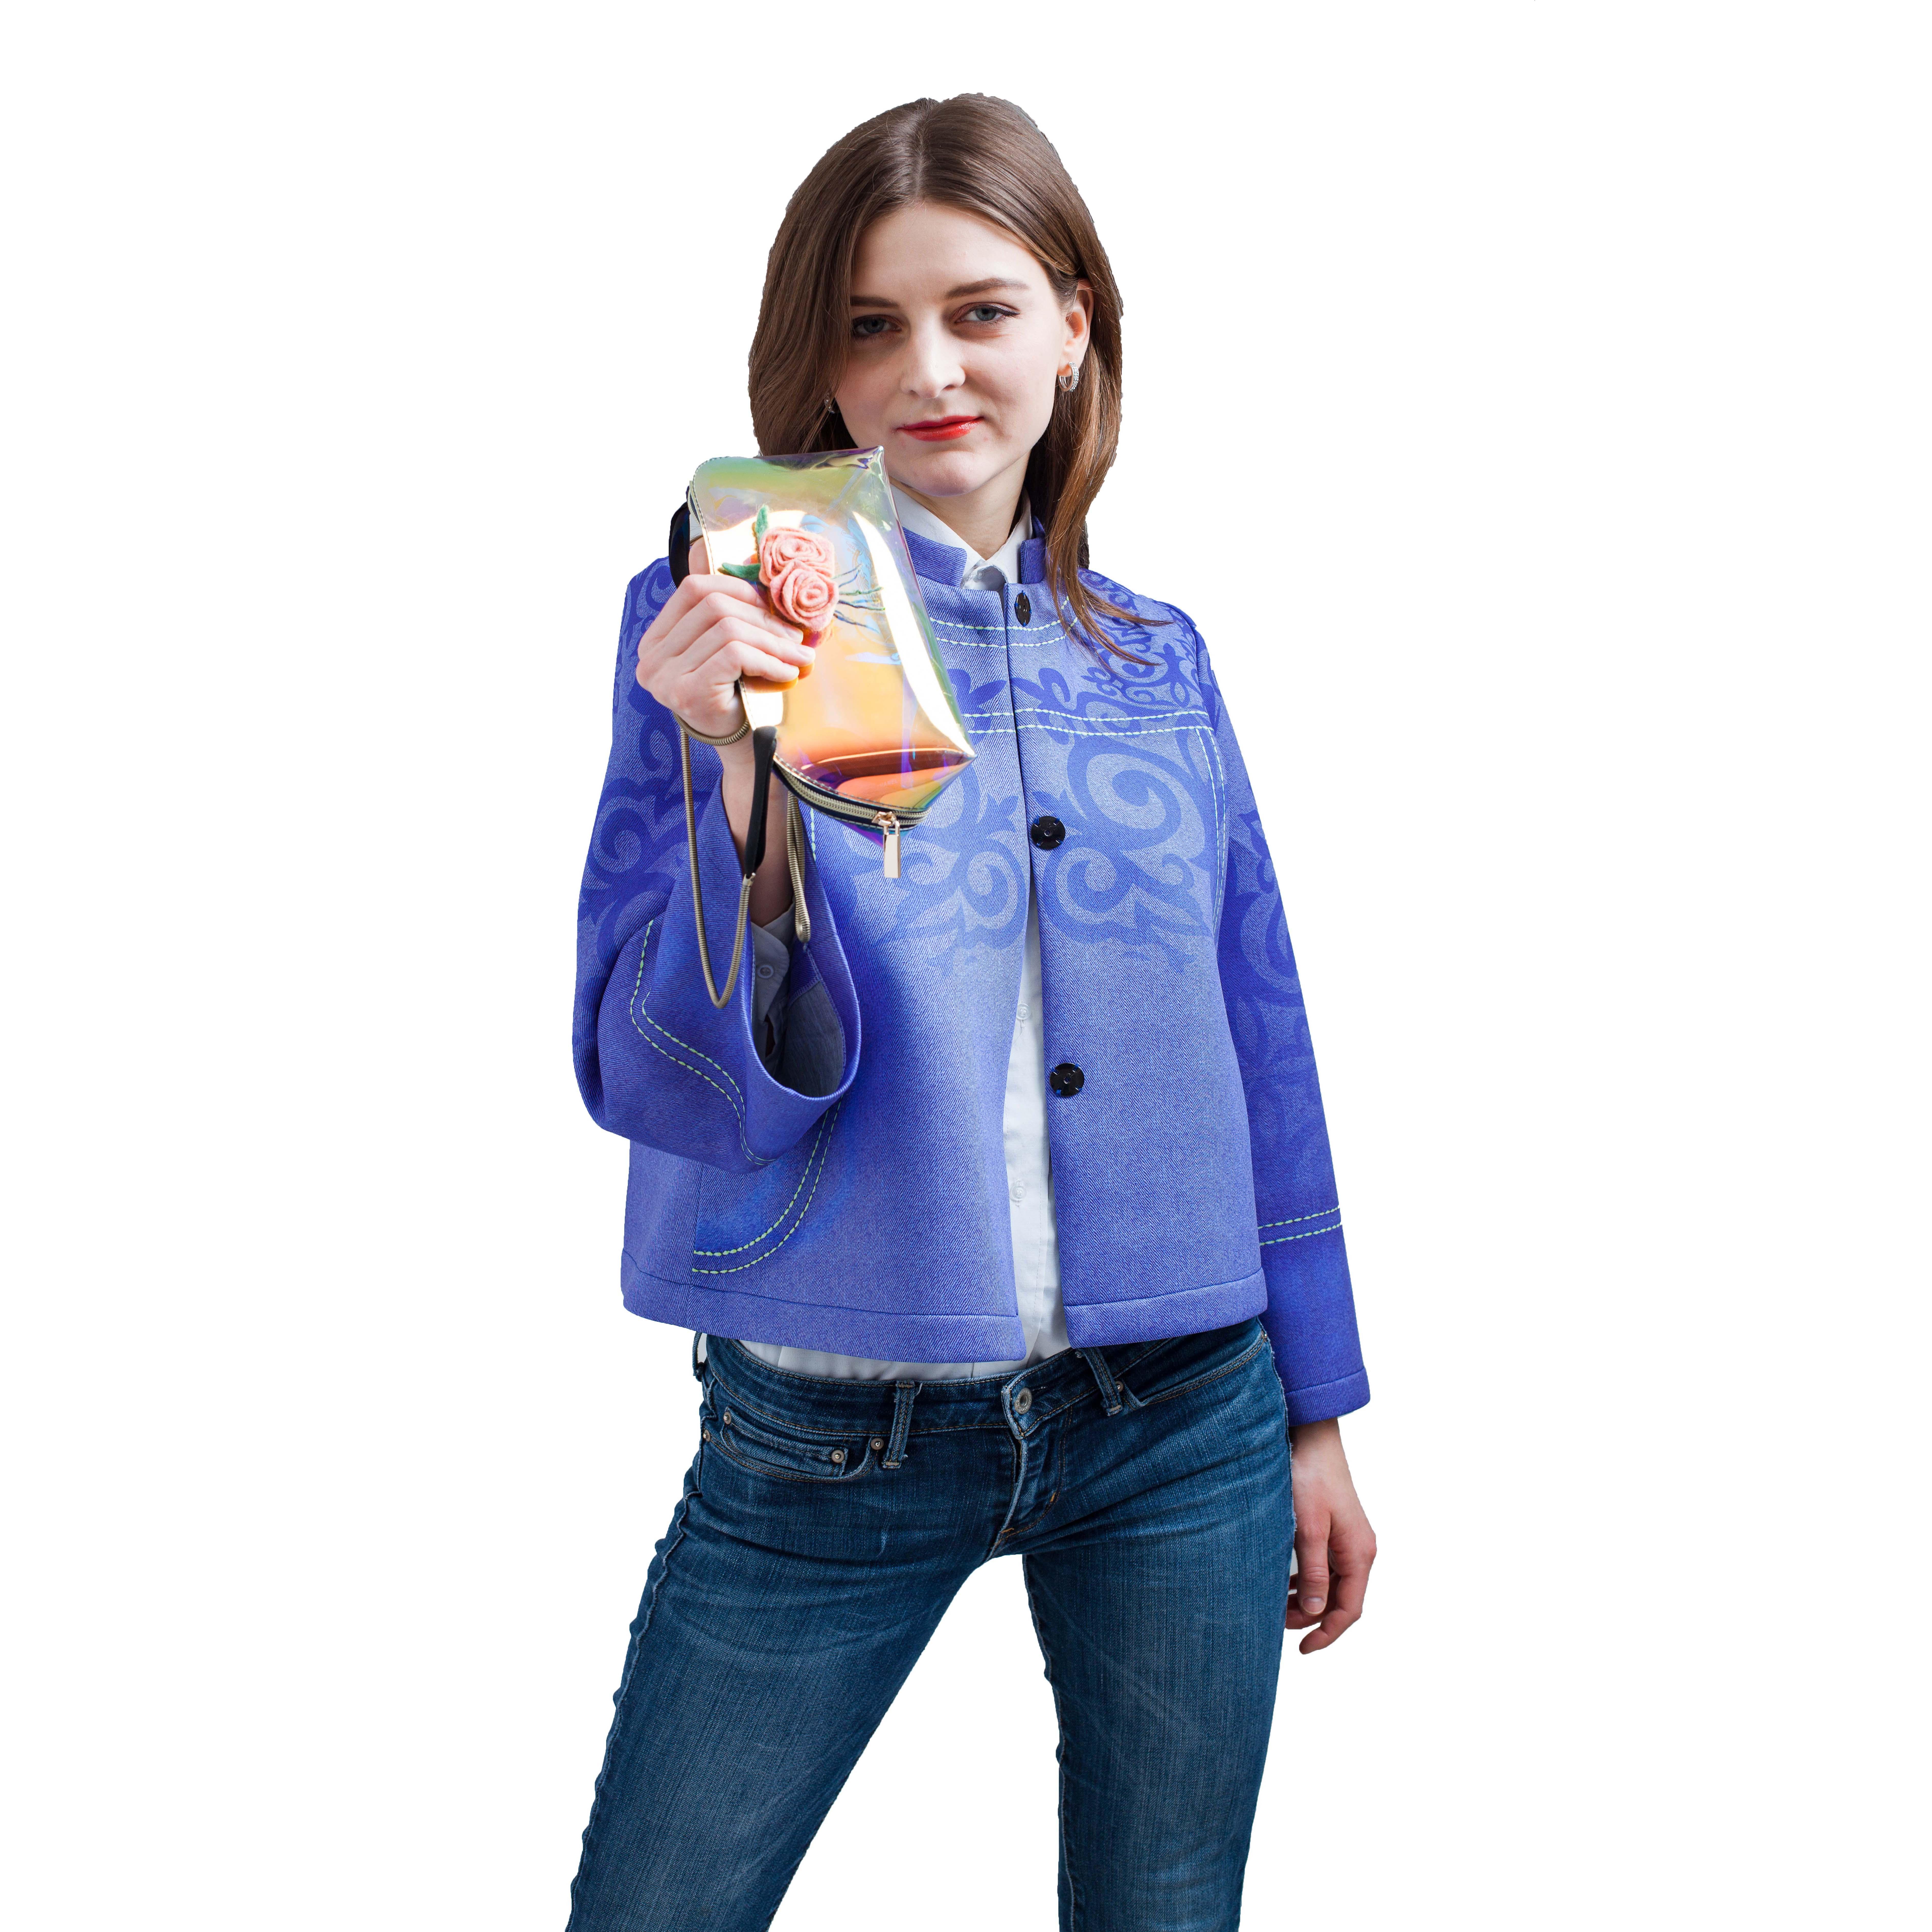 Kadın ilkbahar ve sonbahar hava tabakası rahat rüzgar polyester pamuk karışık kumaş baskılı ceket